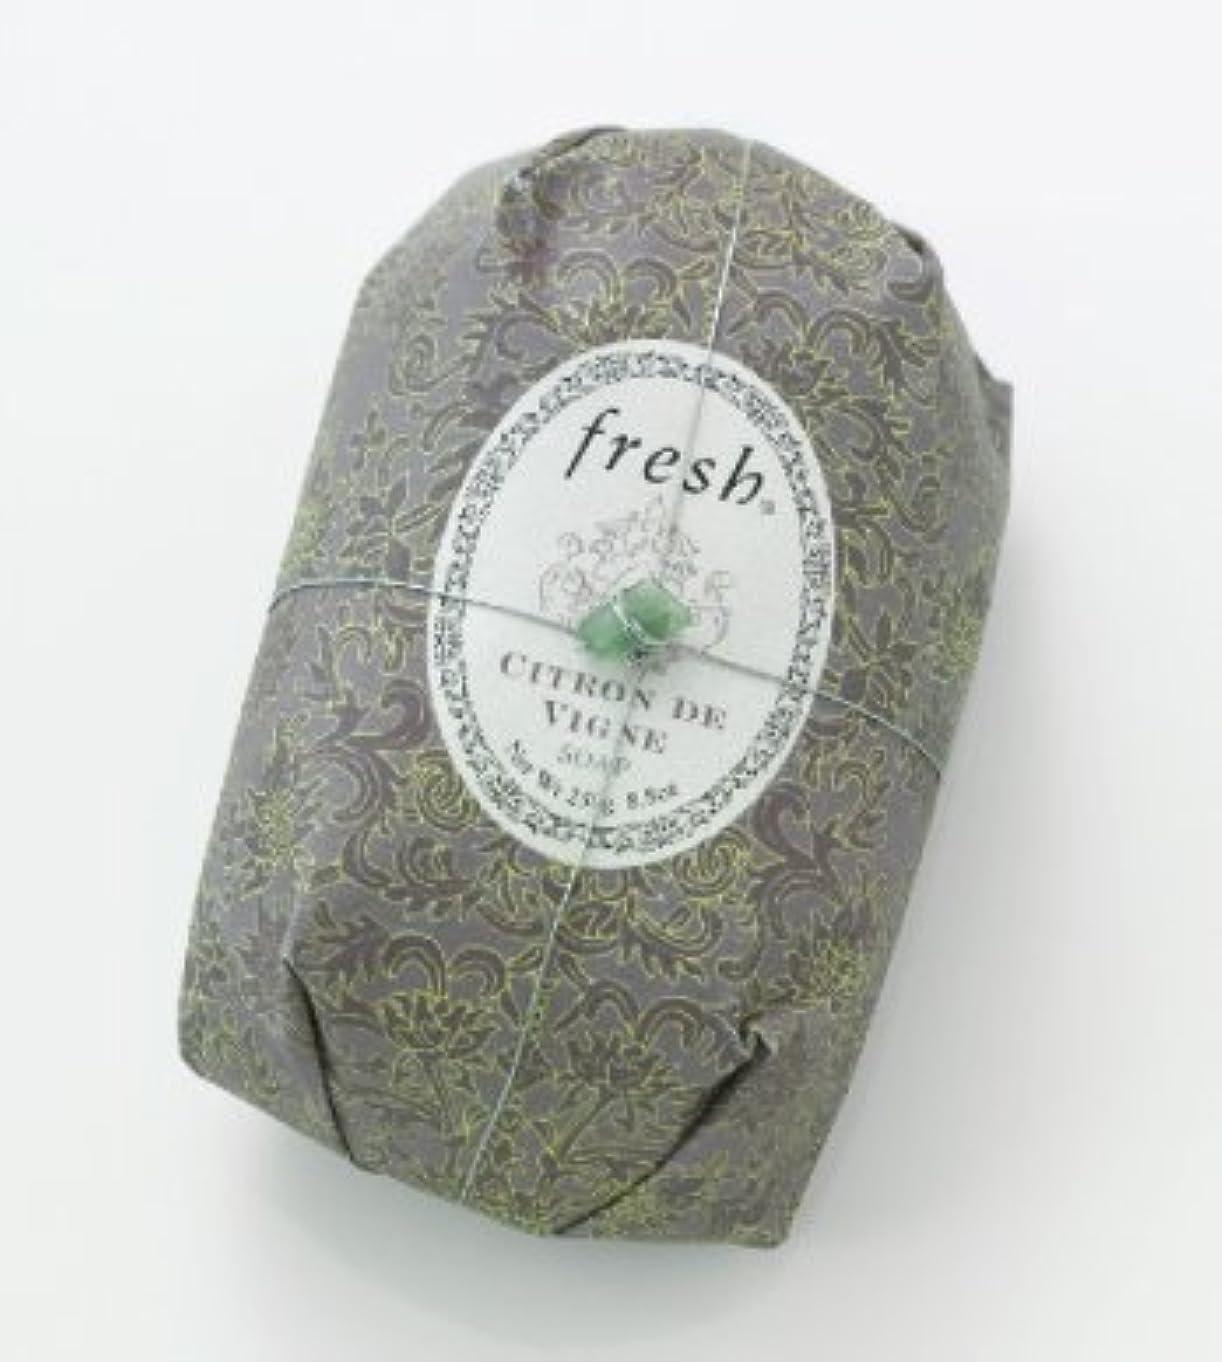 見る人会社アシュリータファーマンFresh CITRON DE VIGNE SOAP (フレッシュ シトロンデヴァイン ソープ) 8.8 oz (250g) Soap (石鹸) by Fresh